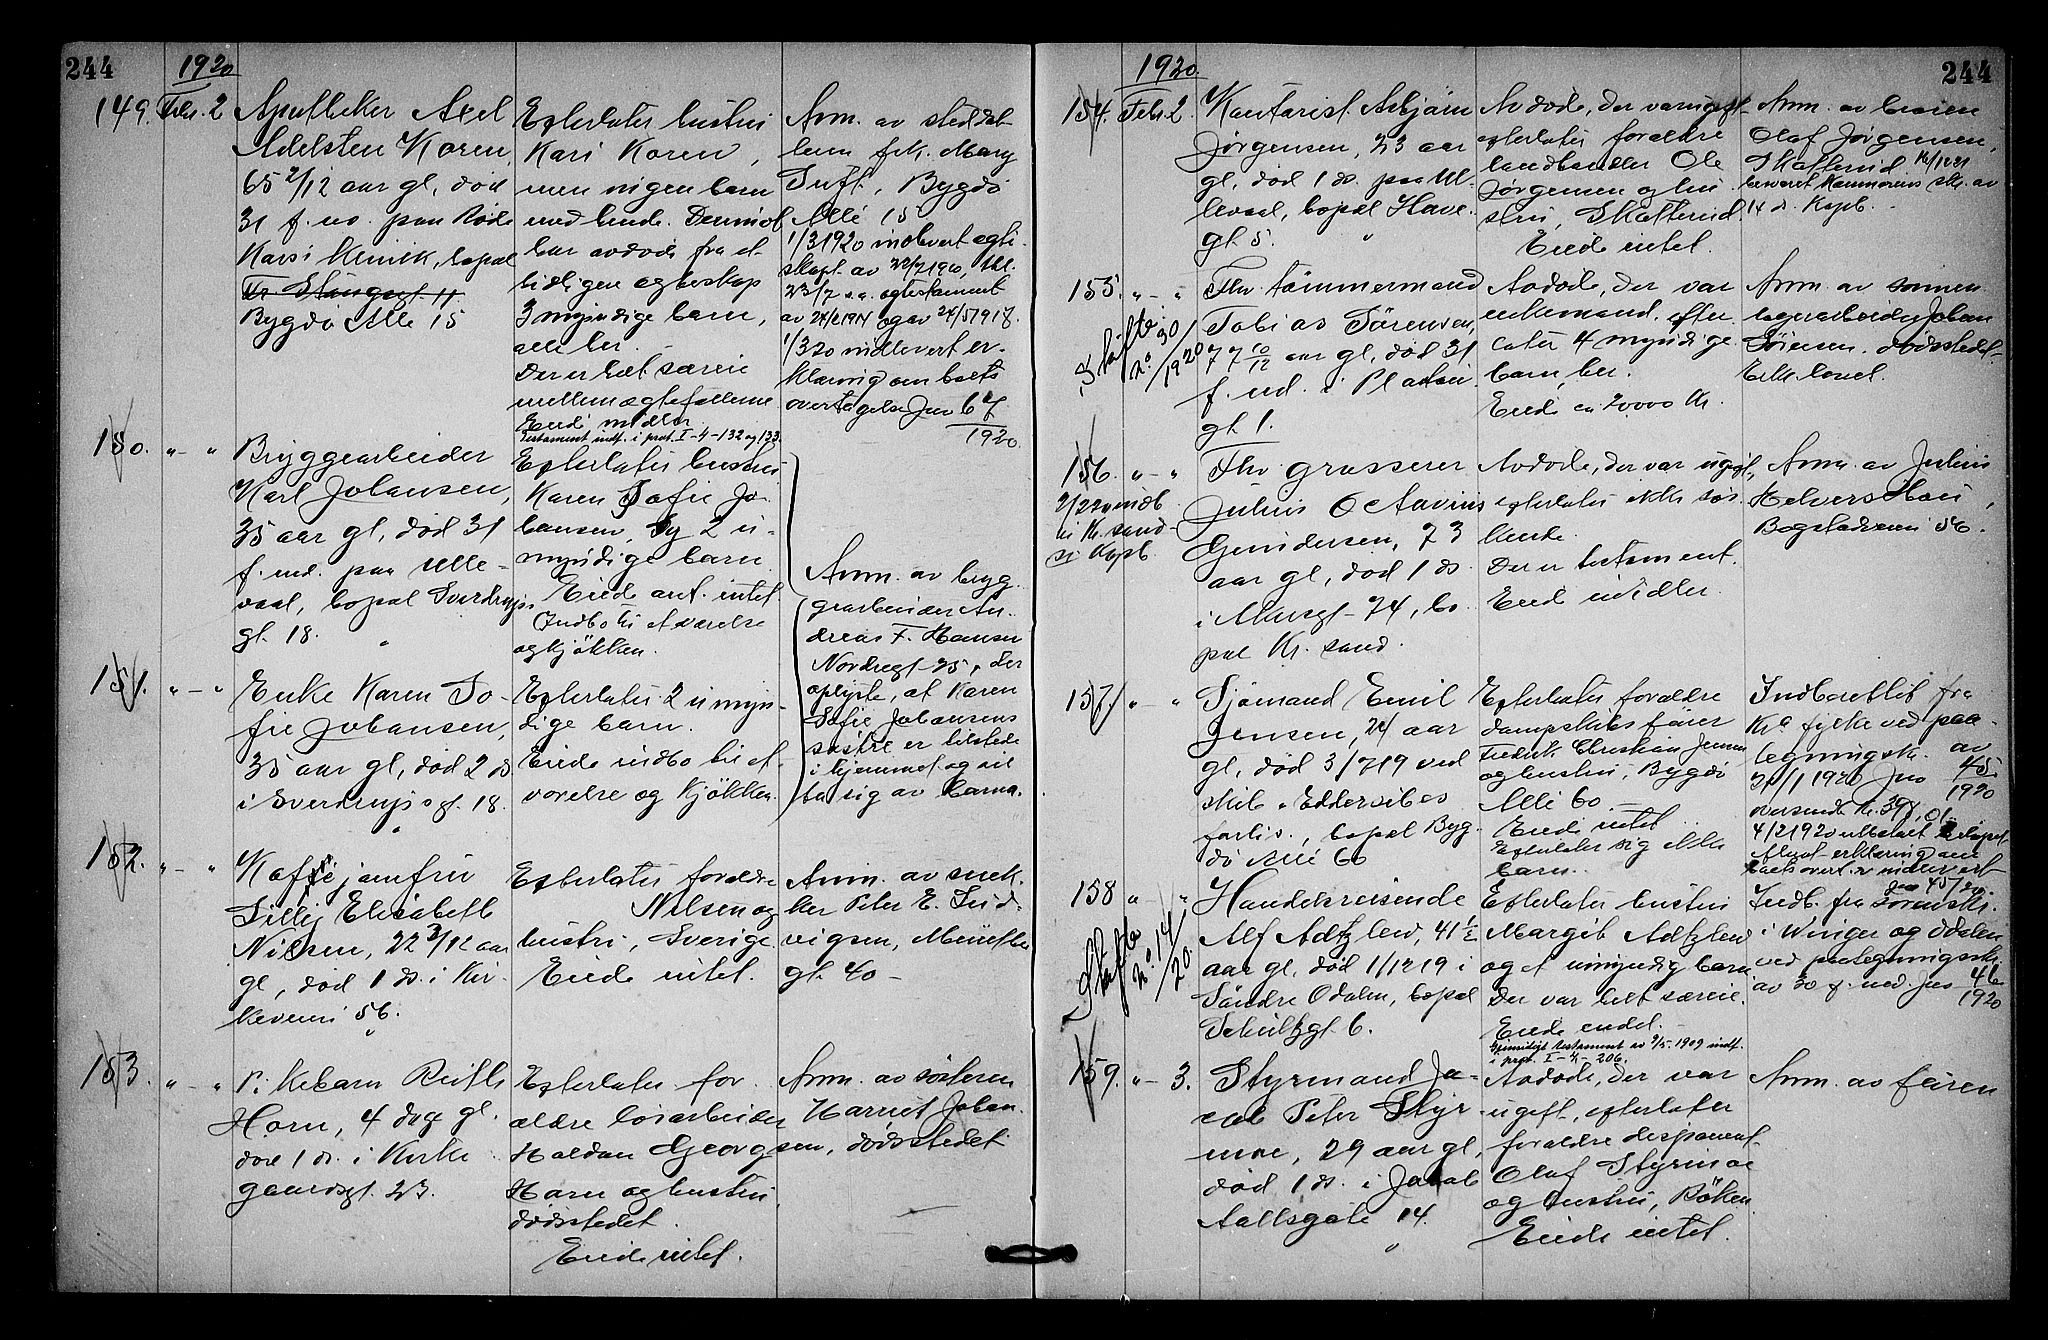 SAO, Oslo skifterett, G/Ga/Gab/L0010: Dødsfallsprotokoll, 1918-1920, s. 244